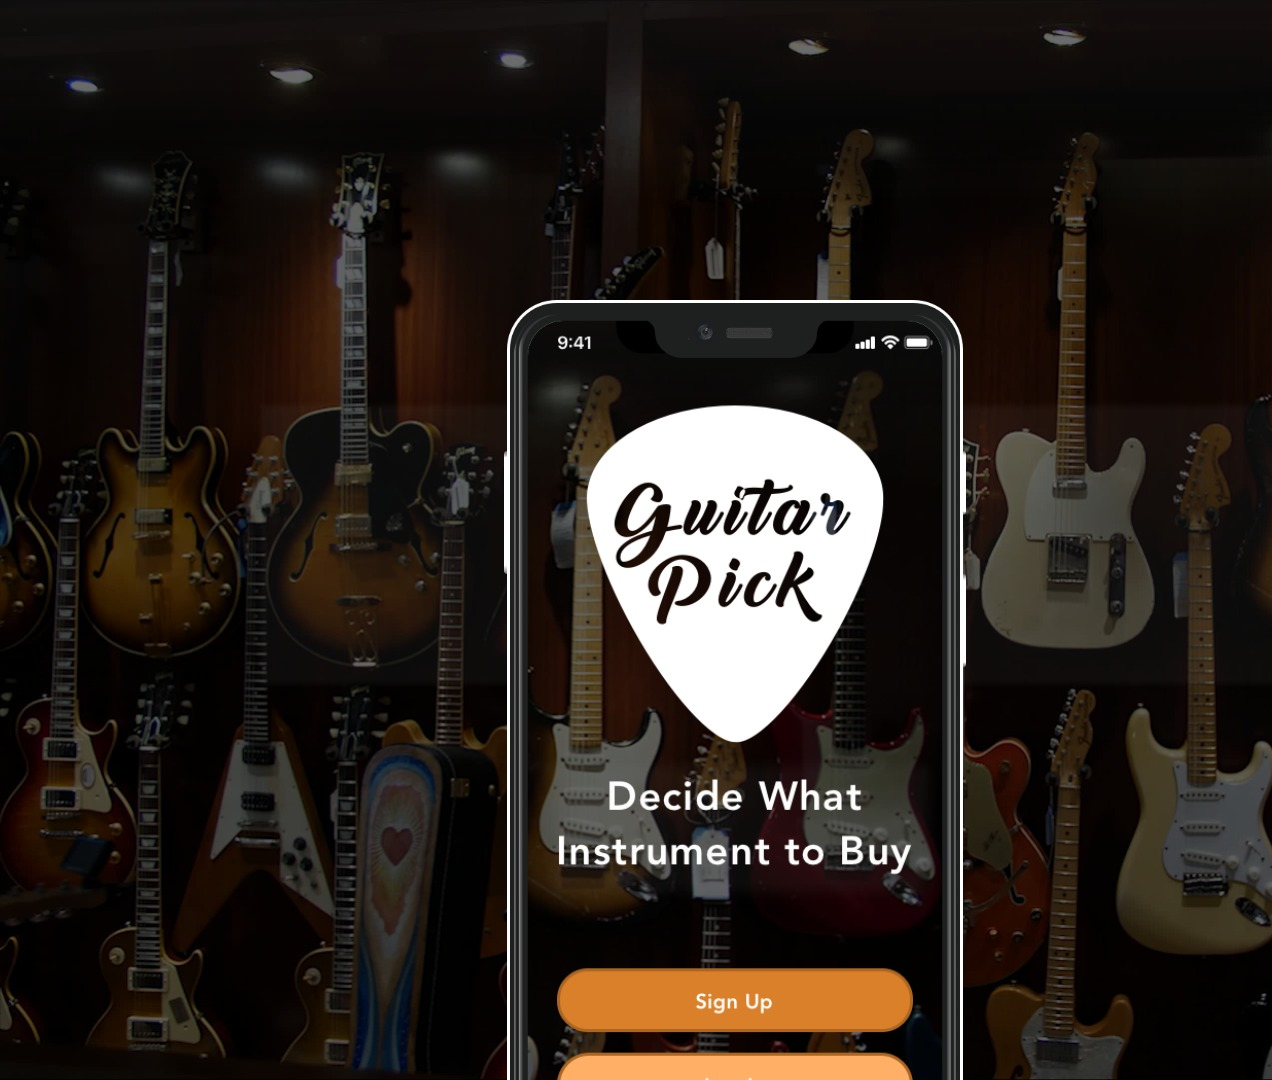 Guitar Pick App